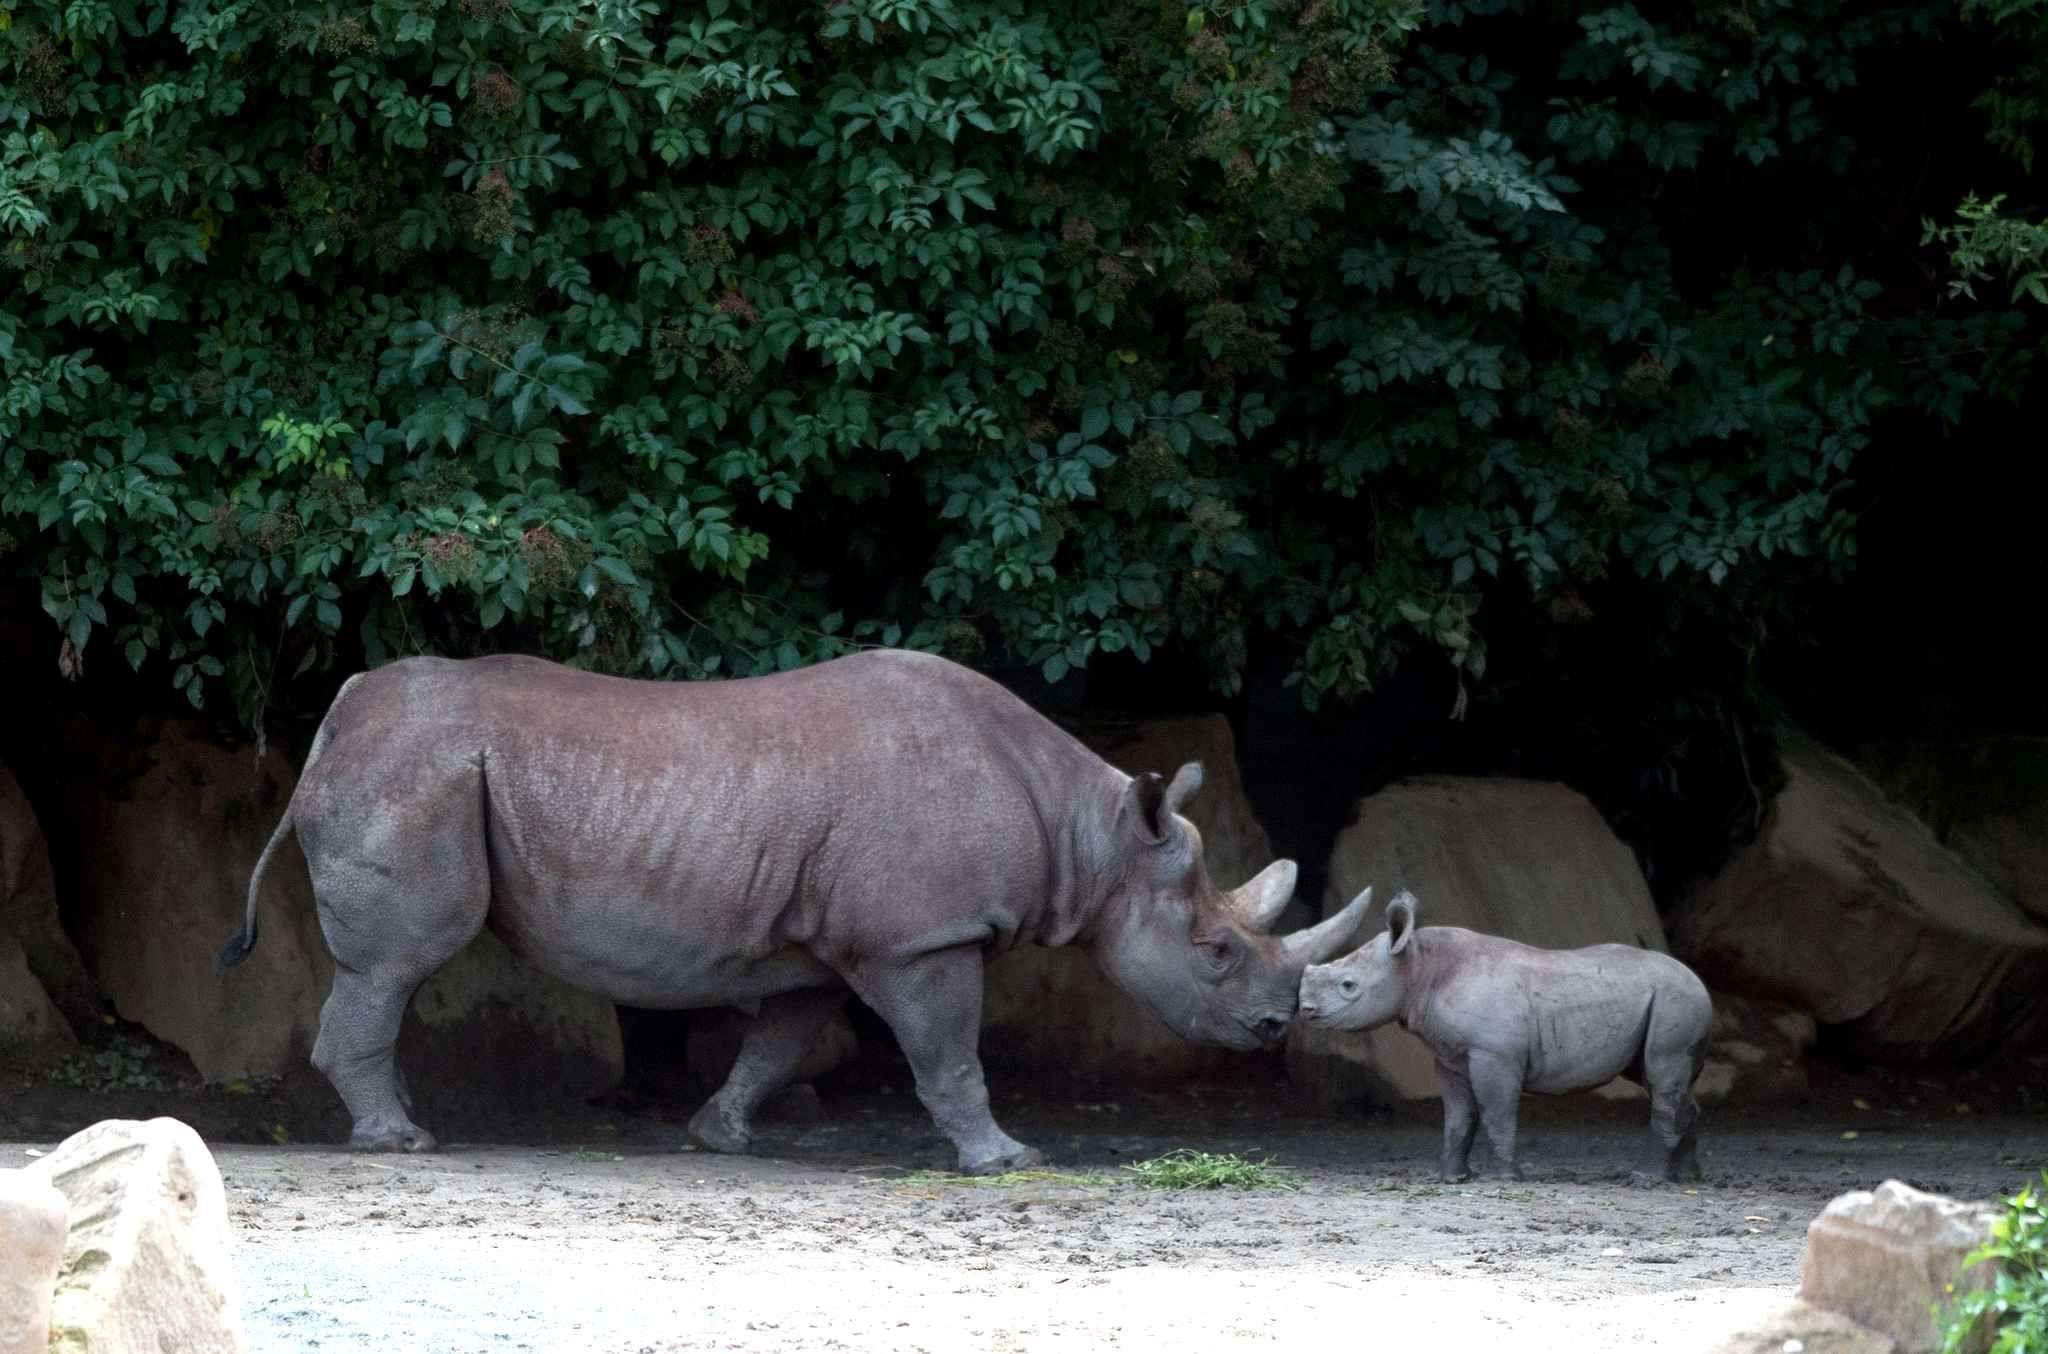 Un jeune rhinocéros noir fait face à un adulte au zoo deDvur Kralove nad Labem en république tchèque.